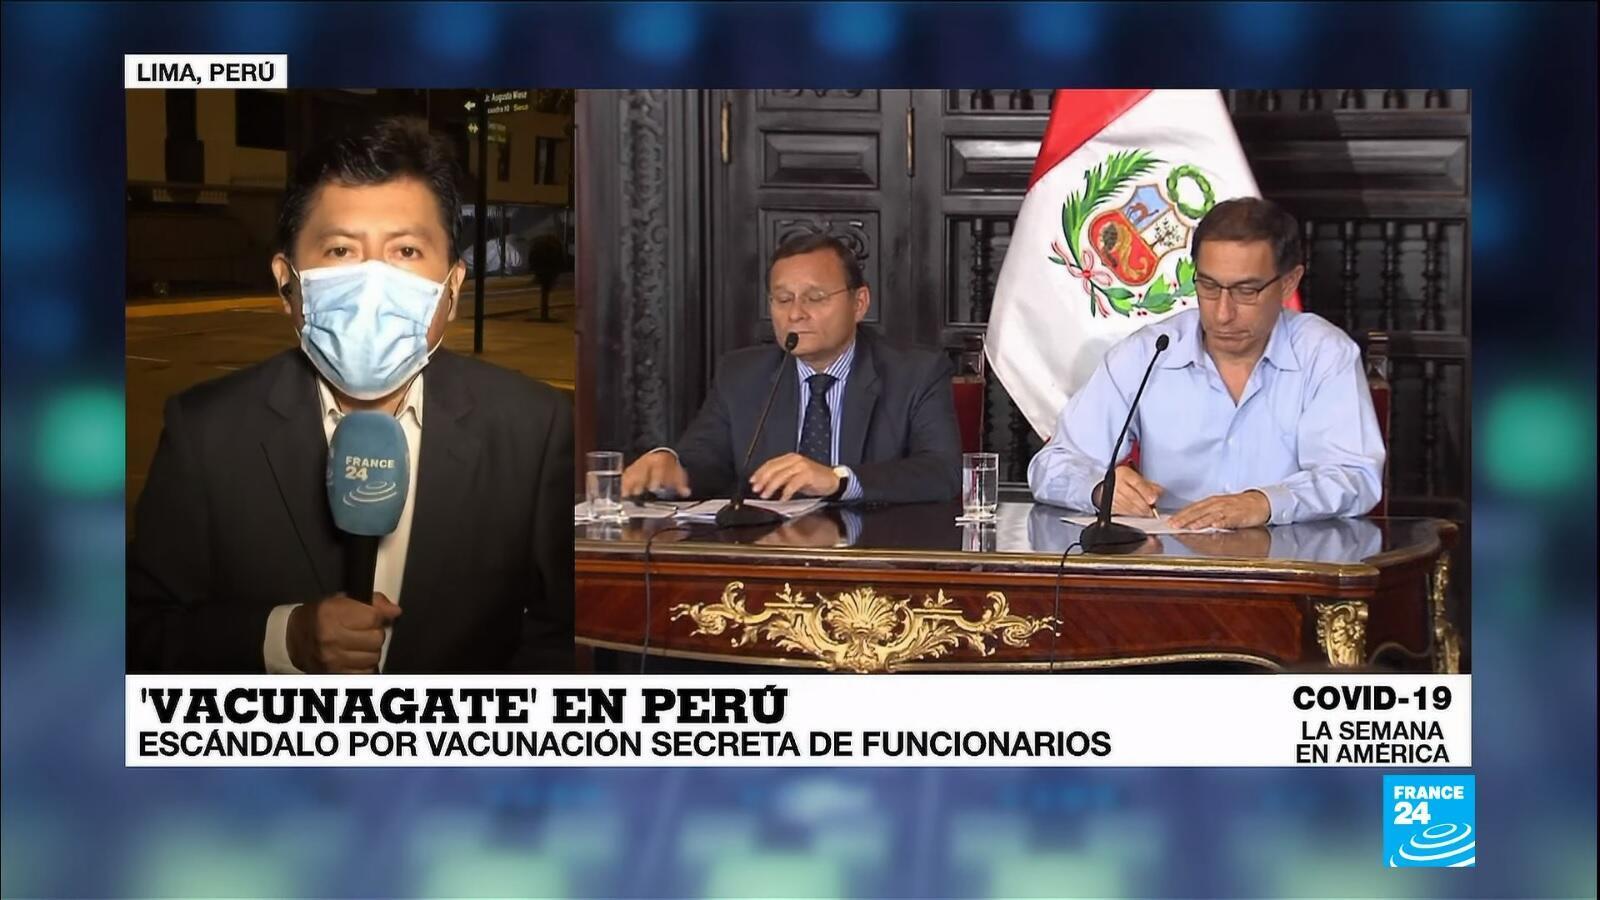 semana en Ámerica - Vacunagate Perú